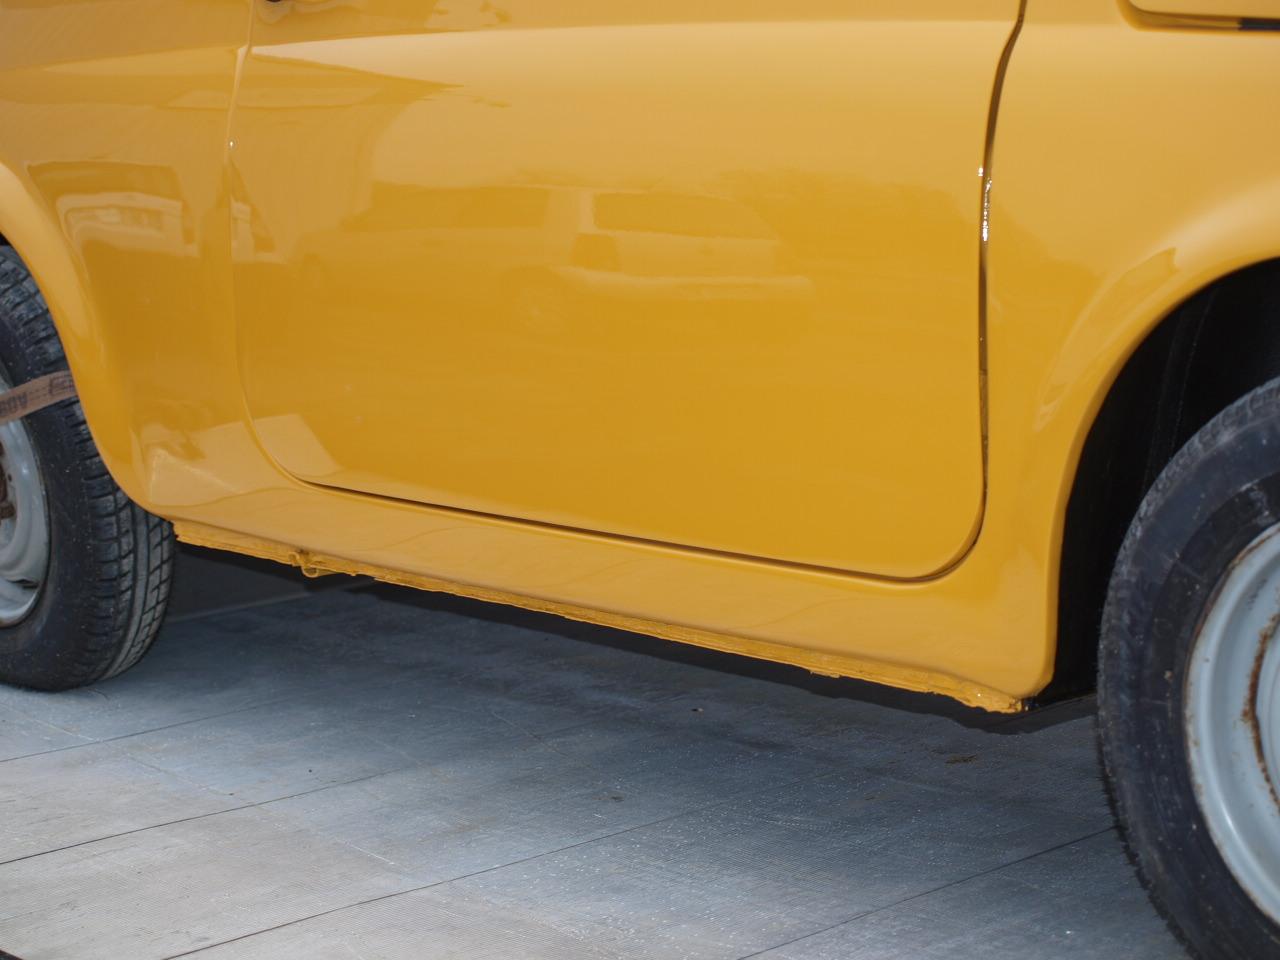 devis carrosserie, devis peinture auto, carrosserie FIAT 500